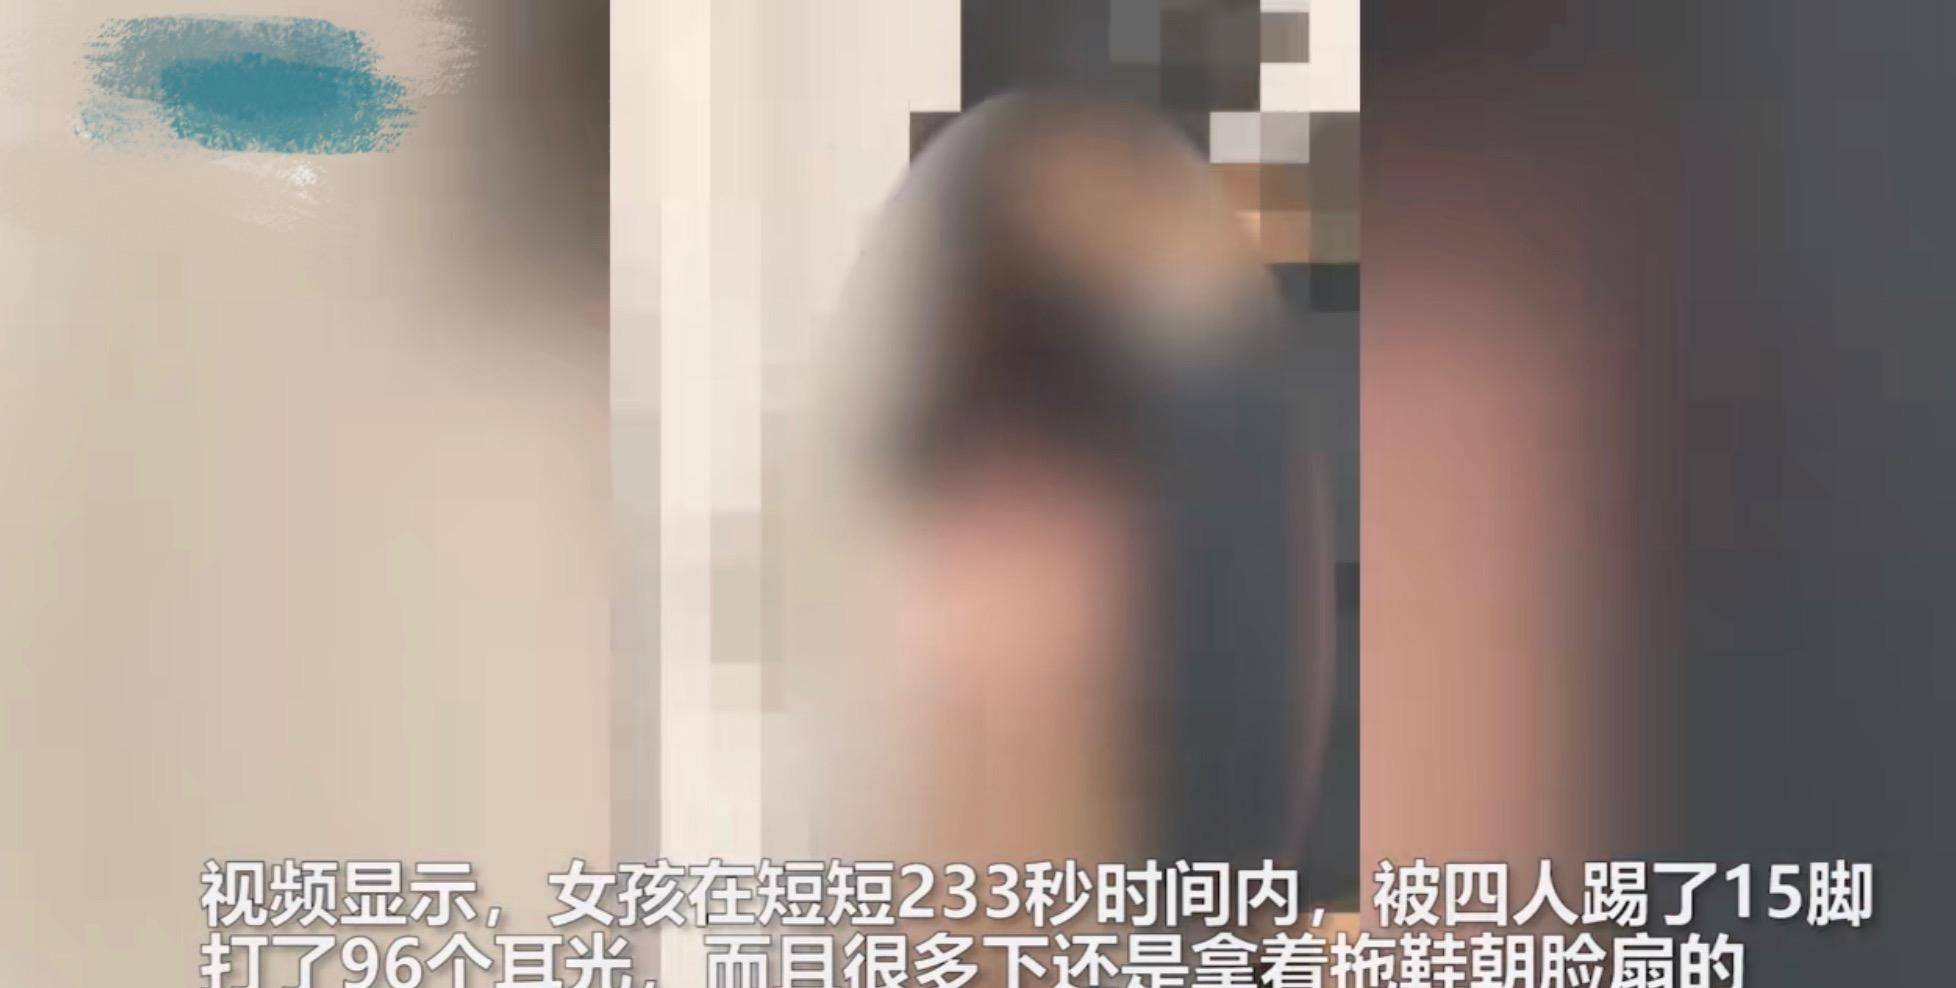 河南15岁女孩被爷爷 十六岁少女于姑父